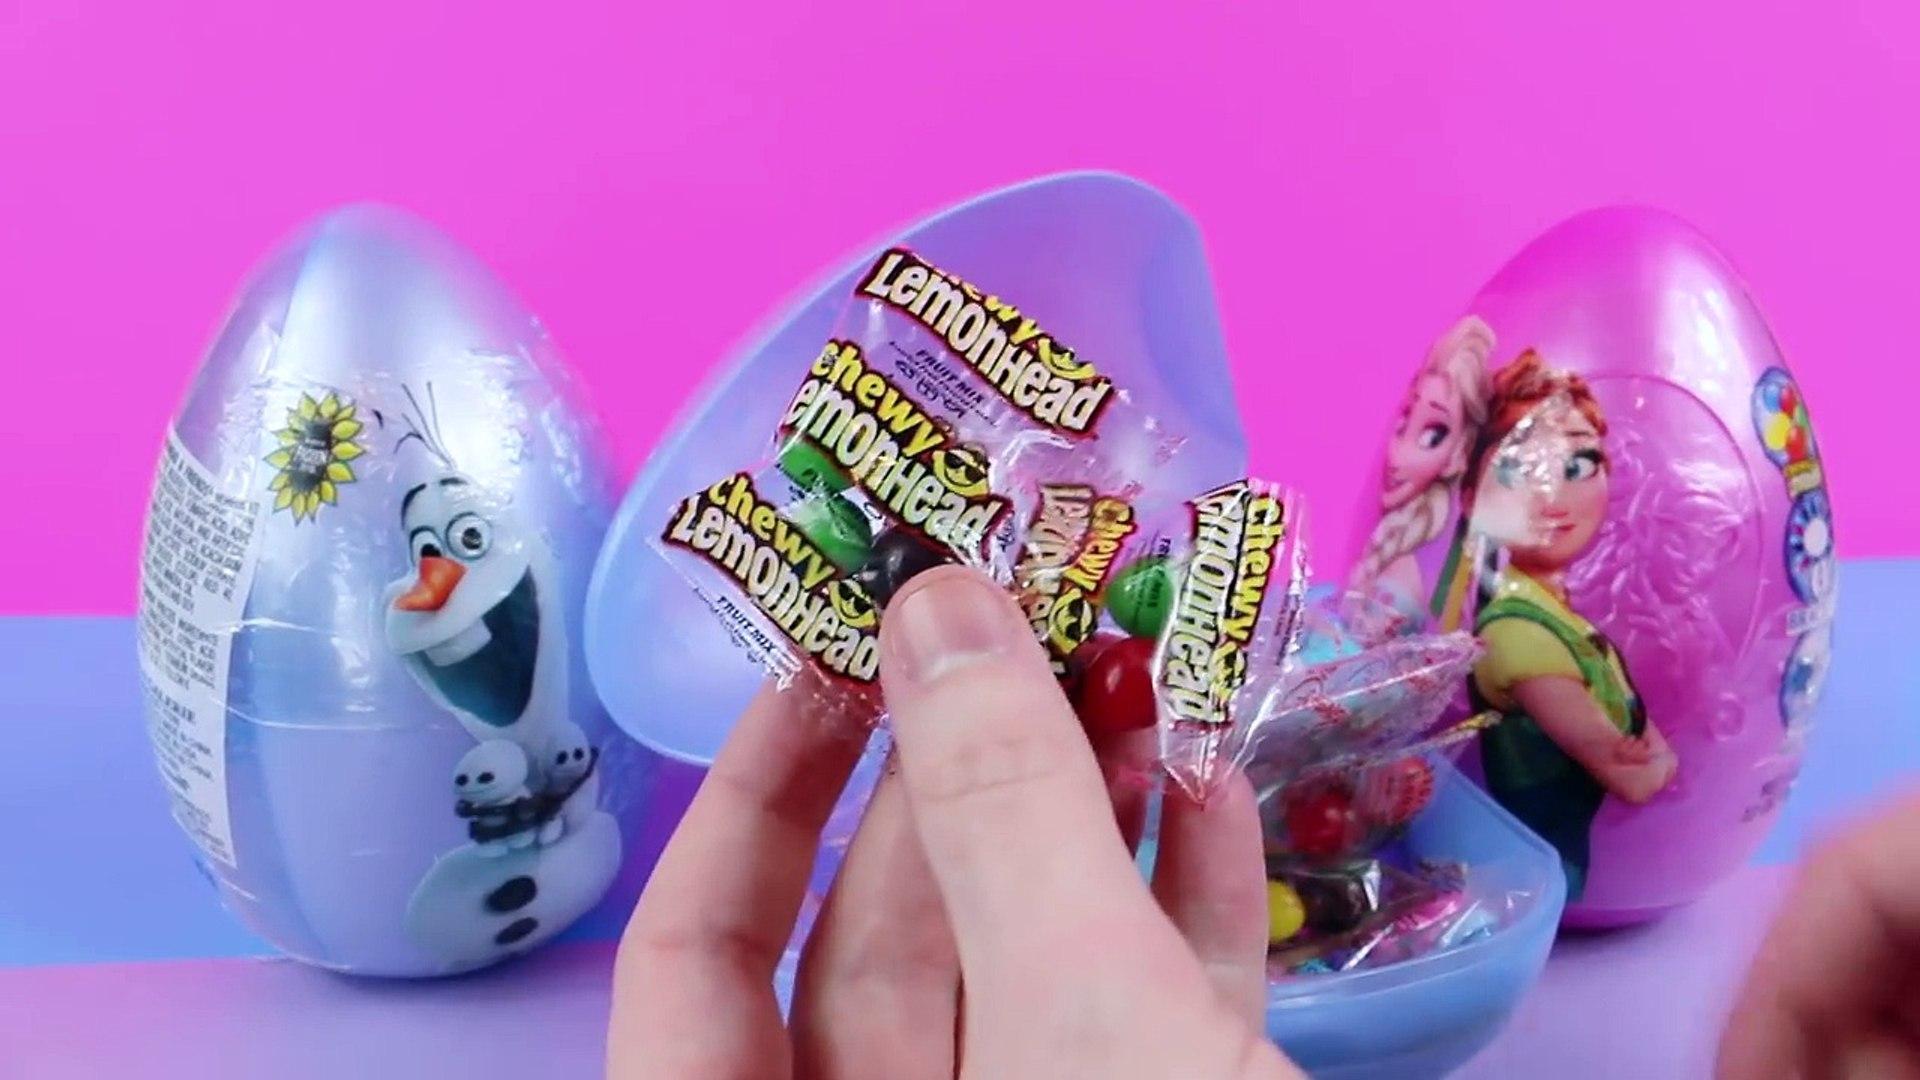 Анна Авентура Приключение дисней яйцо Эльза замороженный замороженные Яйца Добрее Олаф сюрприз сюрприз уна a замороженный